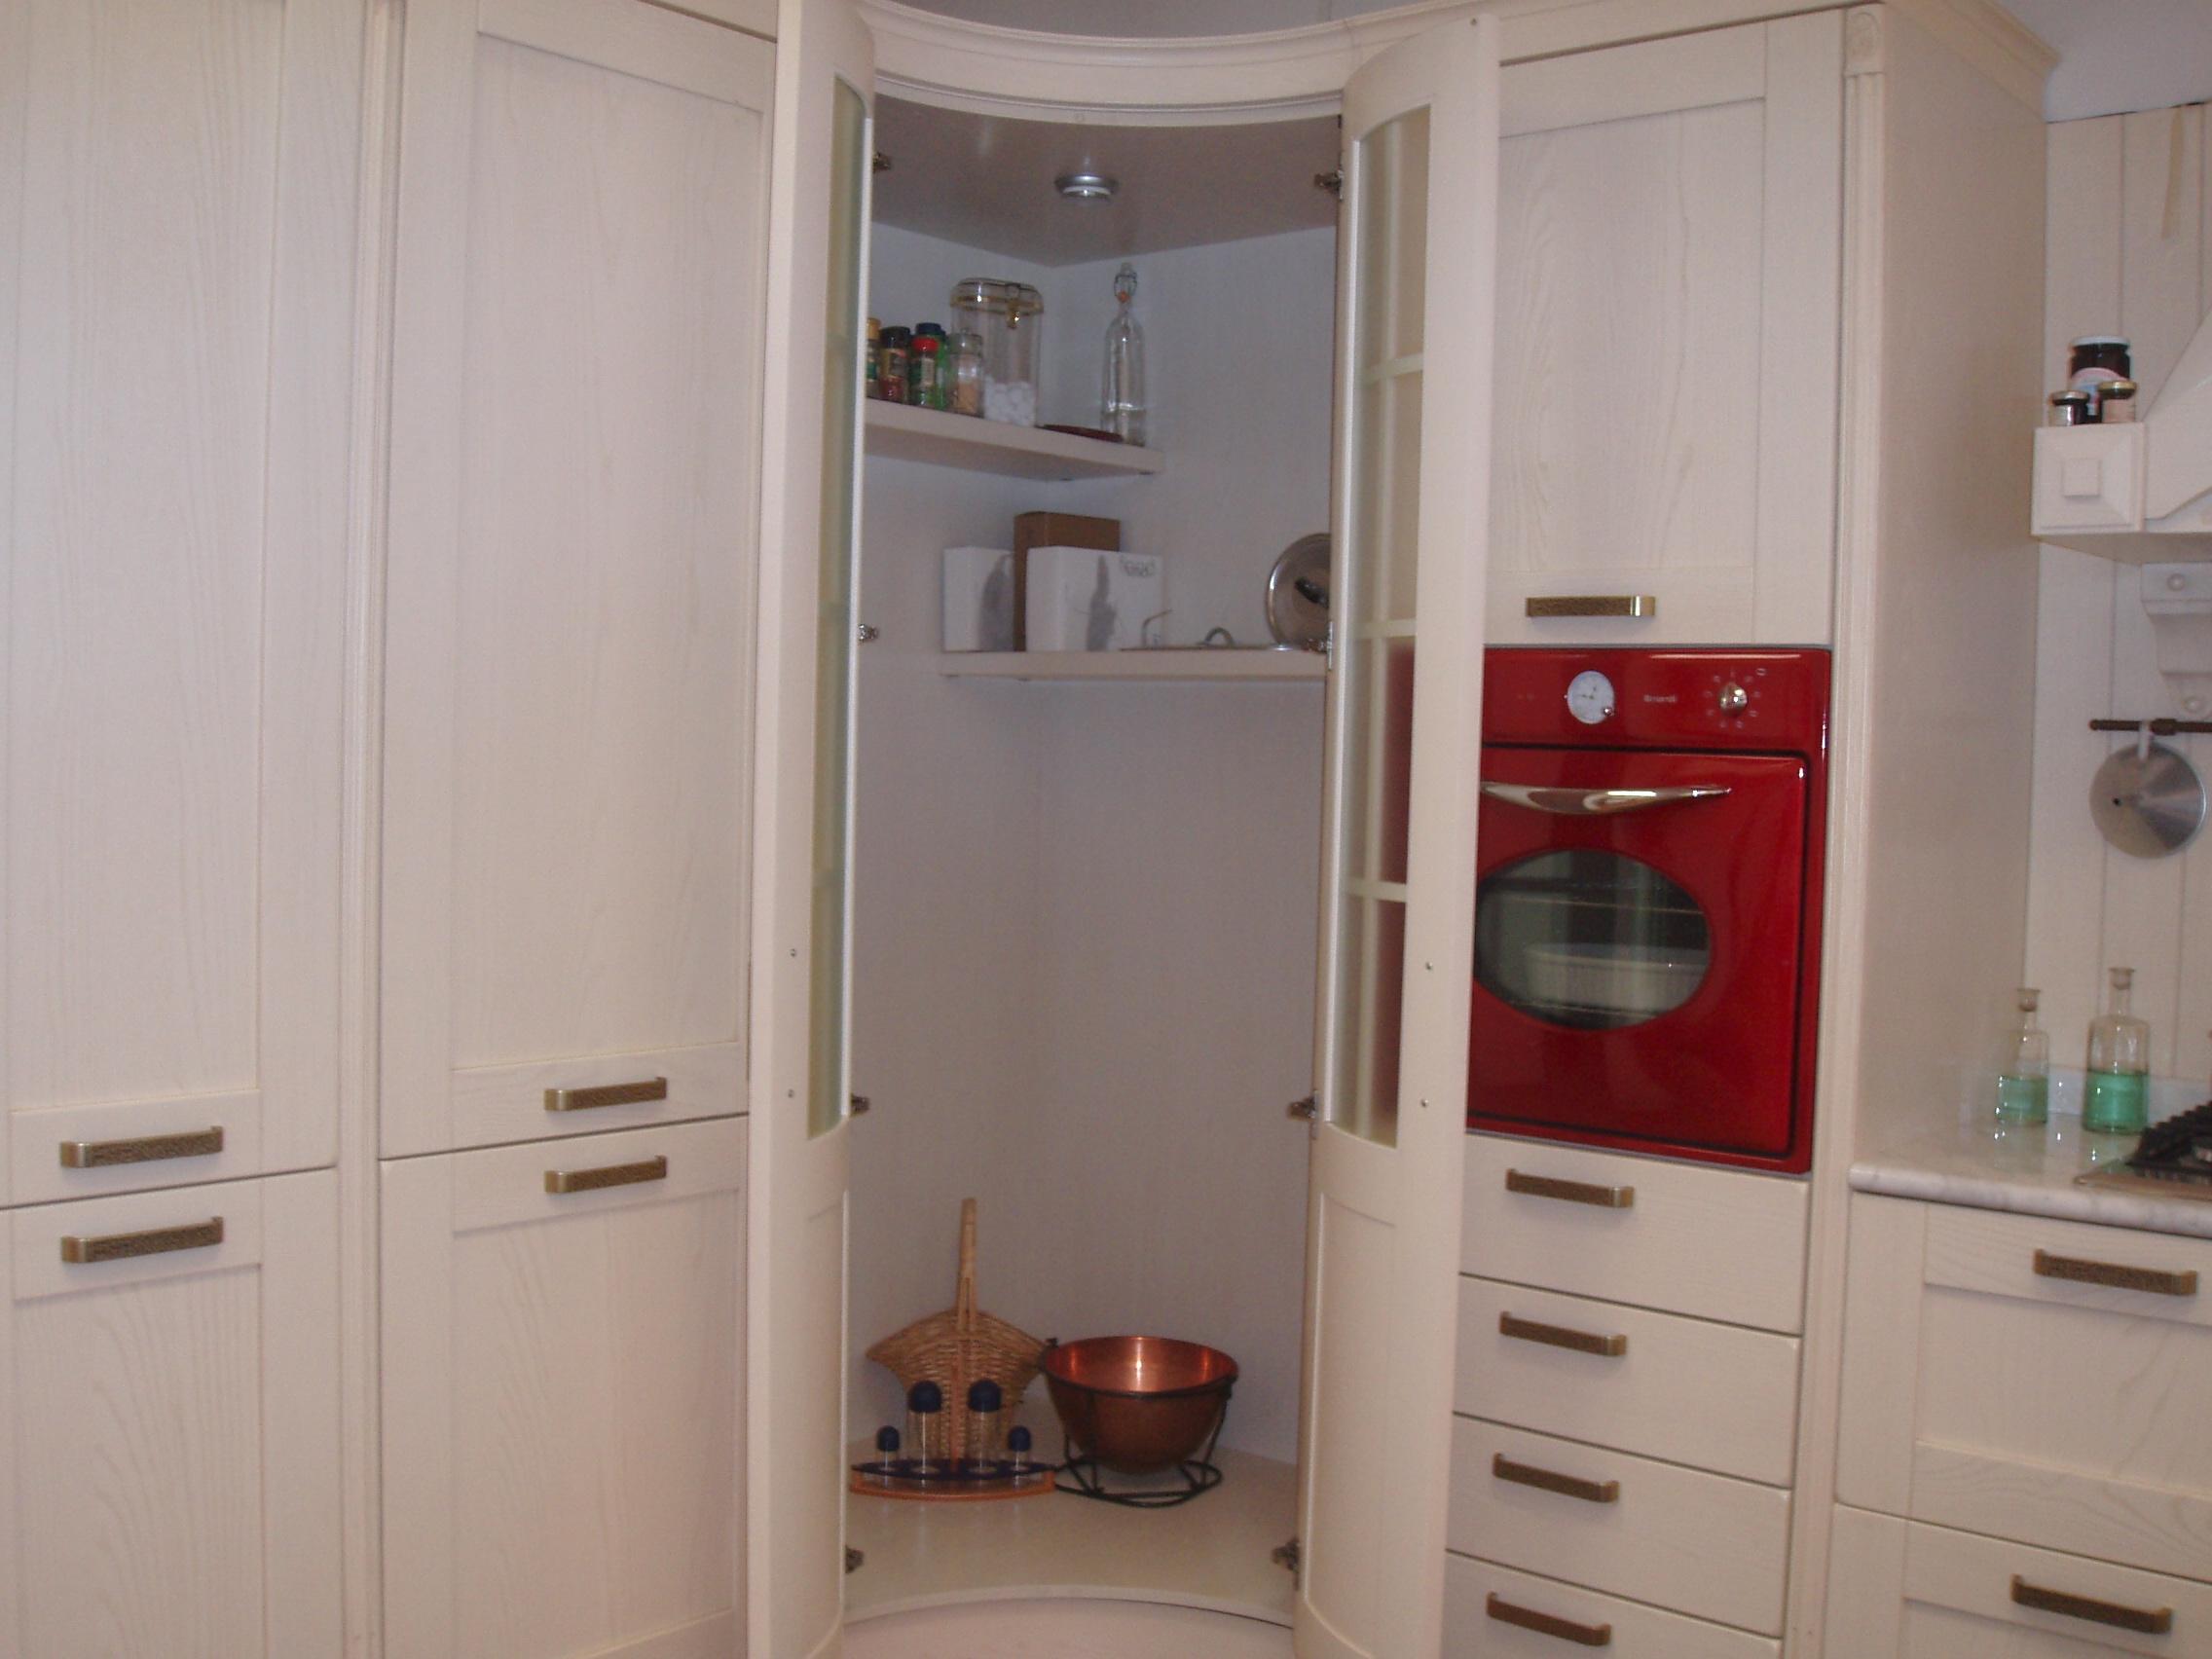 Cucina classica bianca trendy cucina classica bianca with - Cucina classica bianca ...